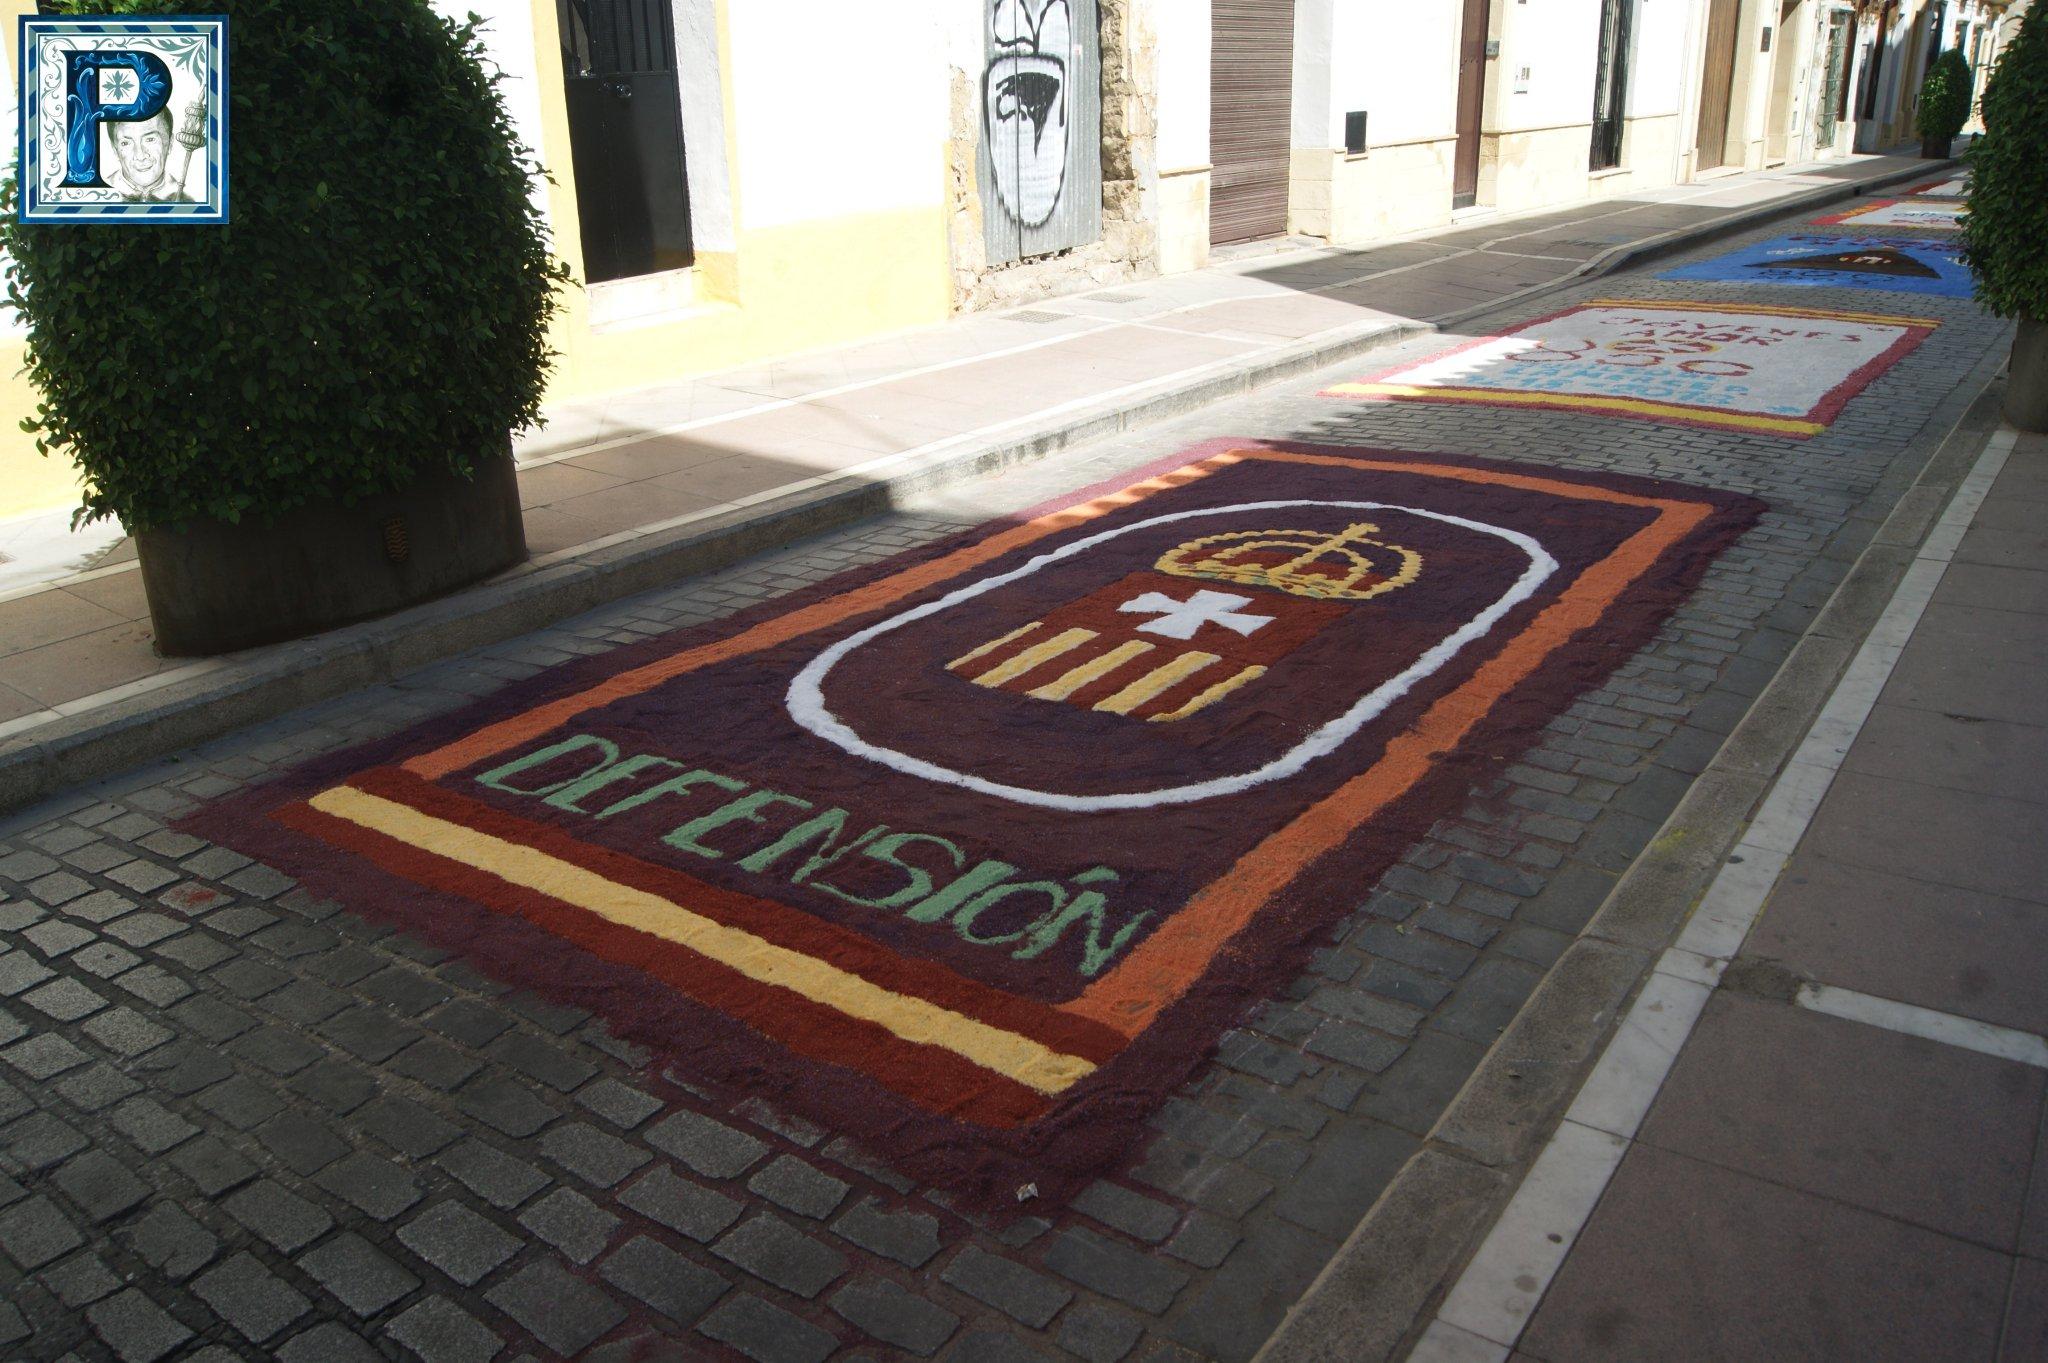 Las alfombras de sal para la Procesión de la Virgen de la Merced desde el objetivo de Lucas Álvarez